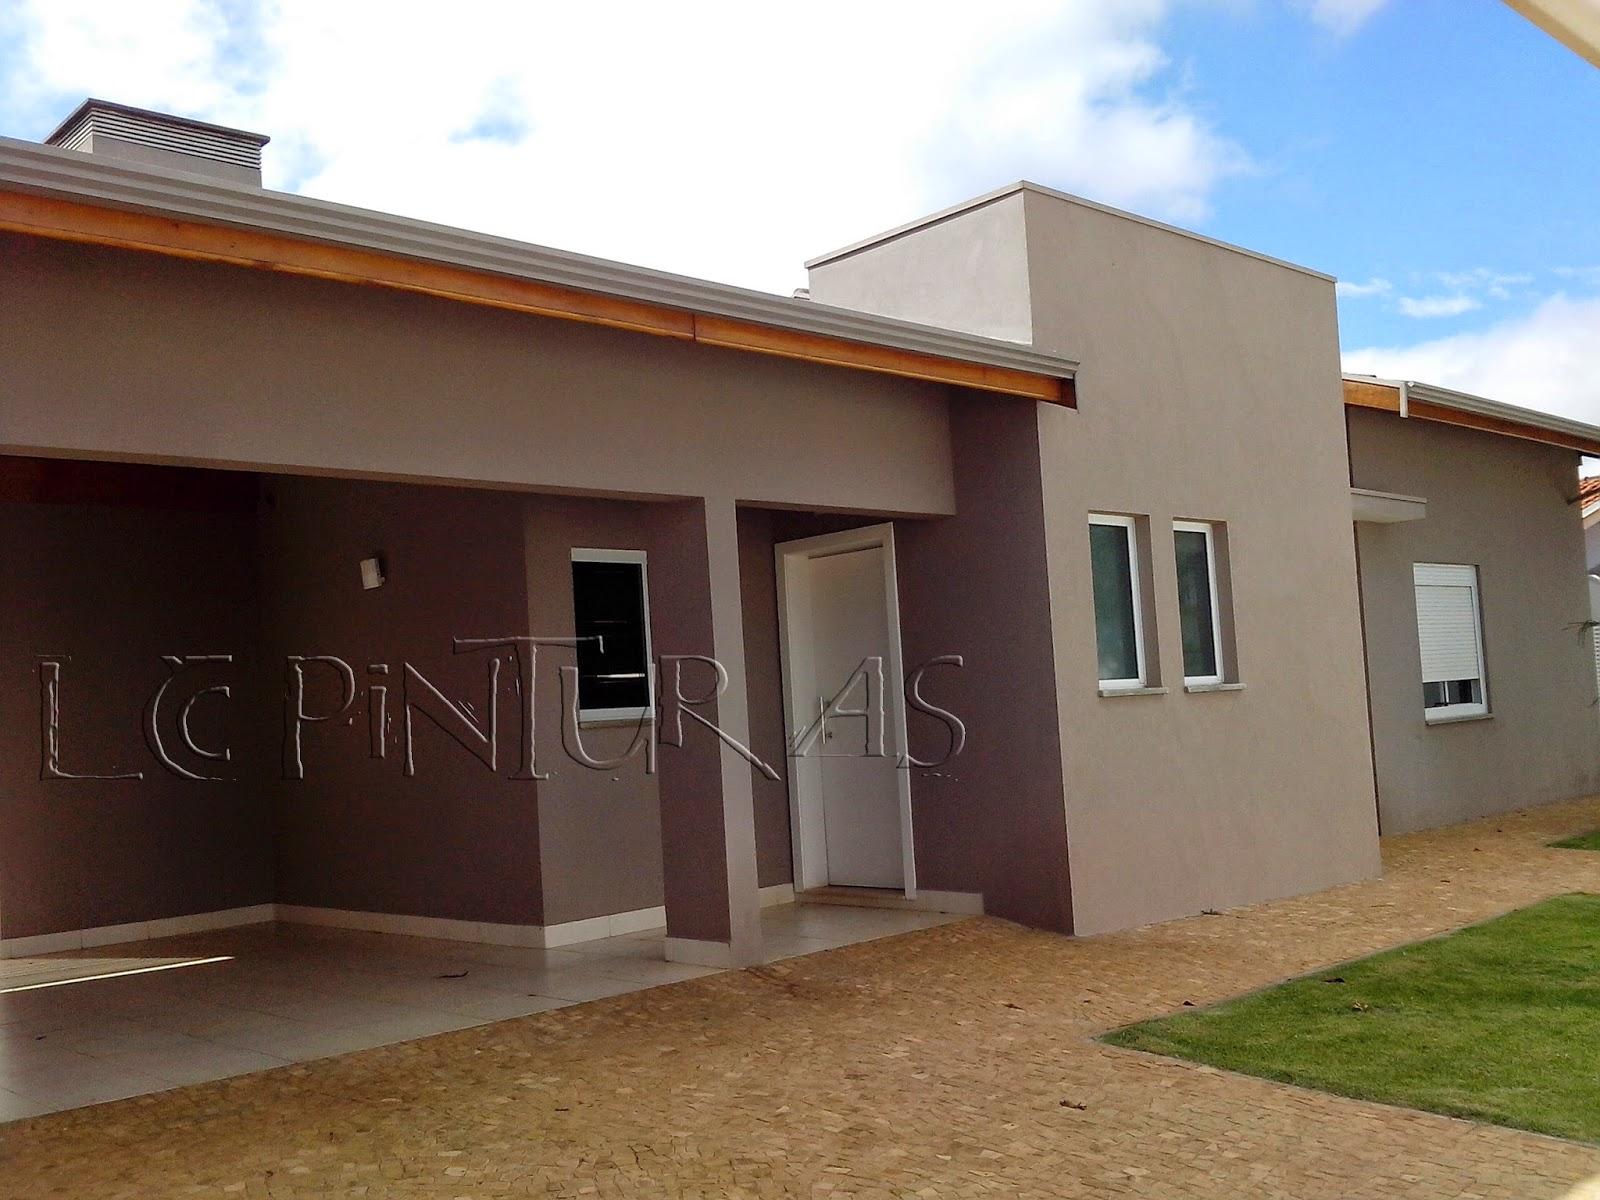 Pinturas residenciais for Pinturas para pintar casas